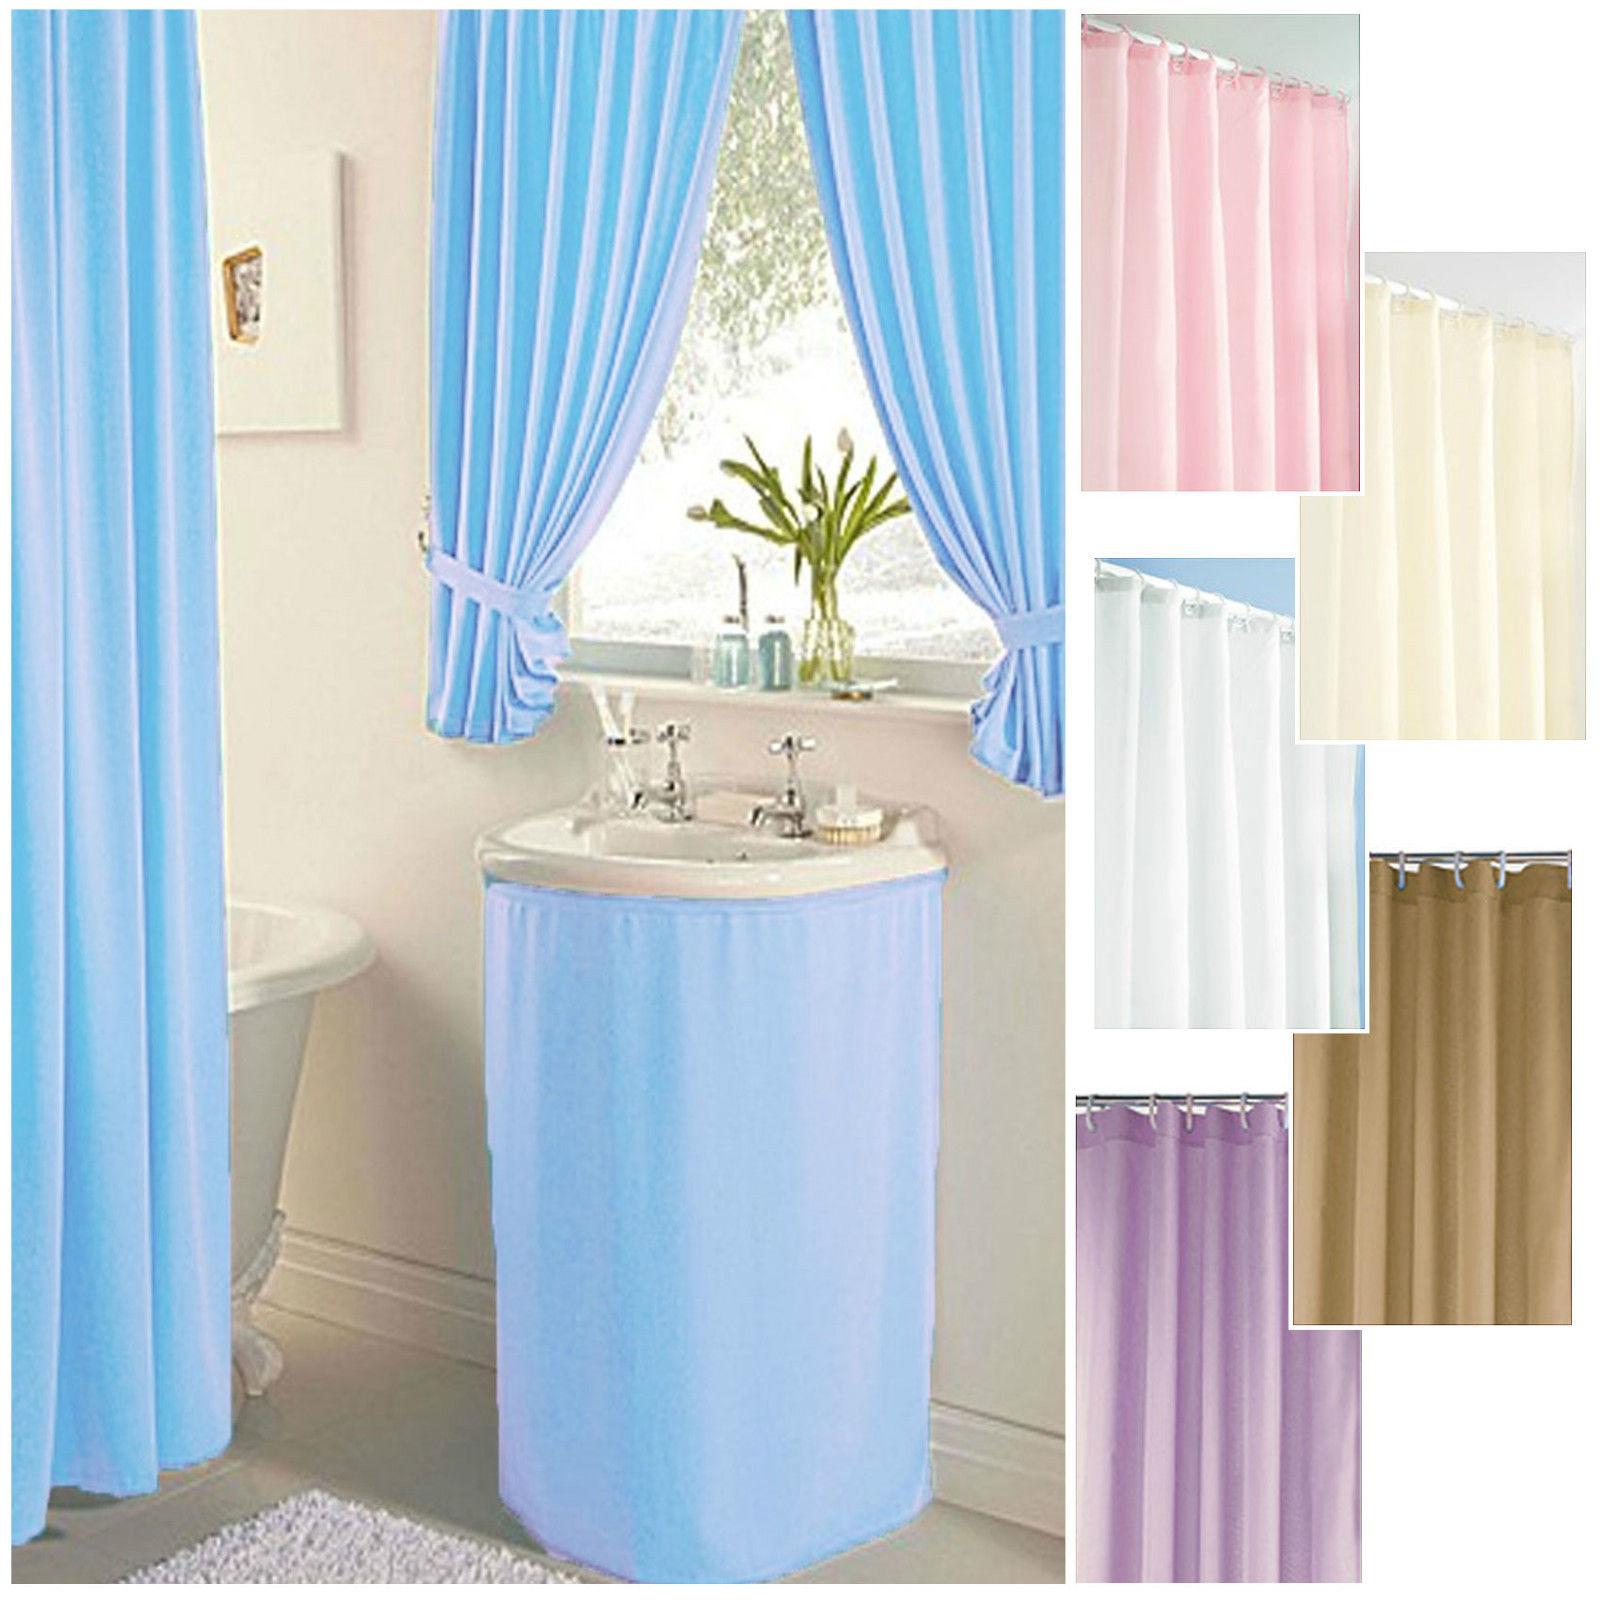 Plain Dyed ***CLEARANCE*** Bathroom Curtains, Shower